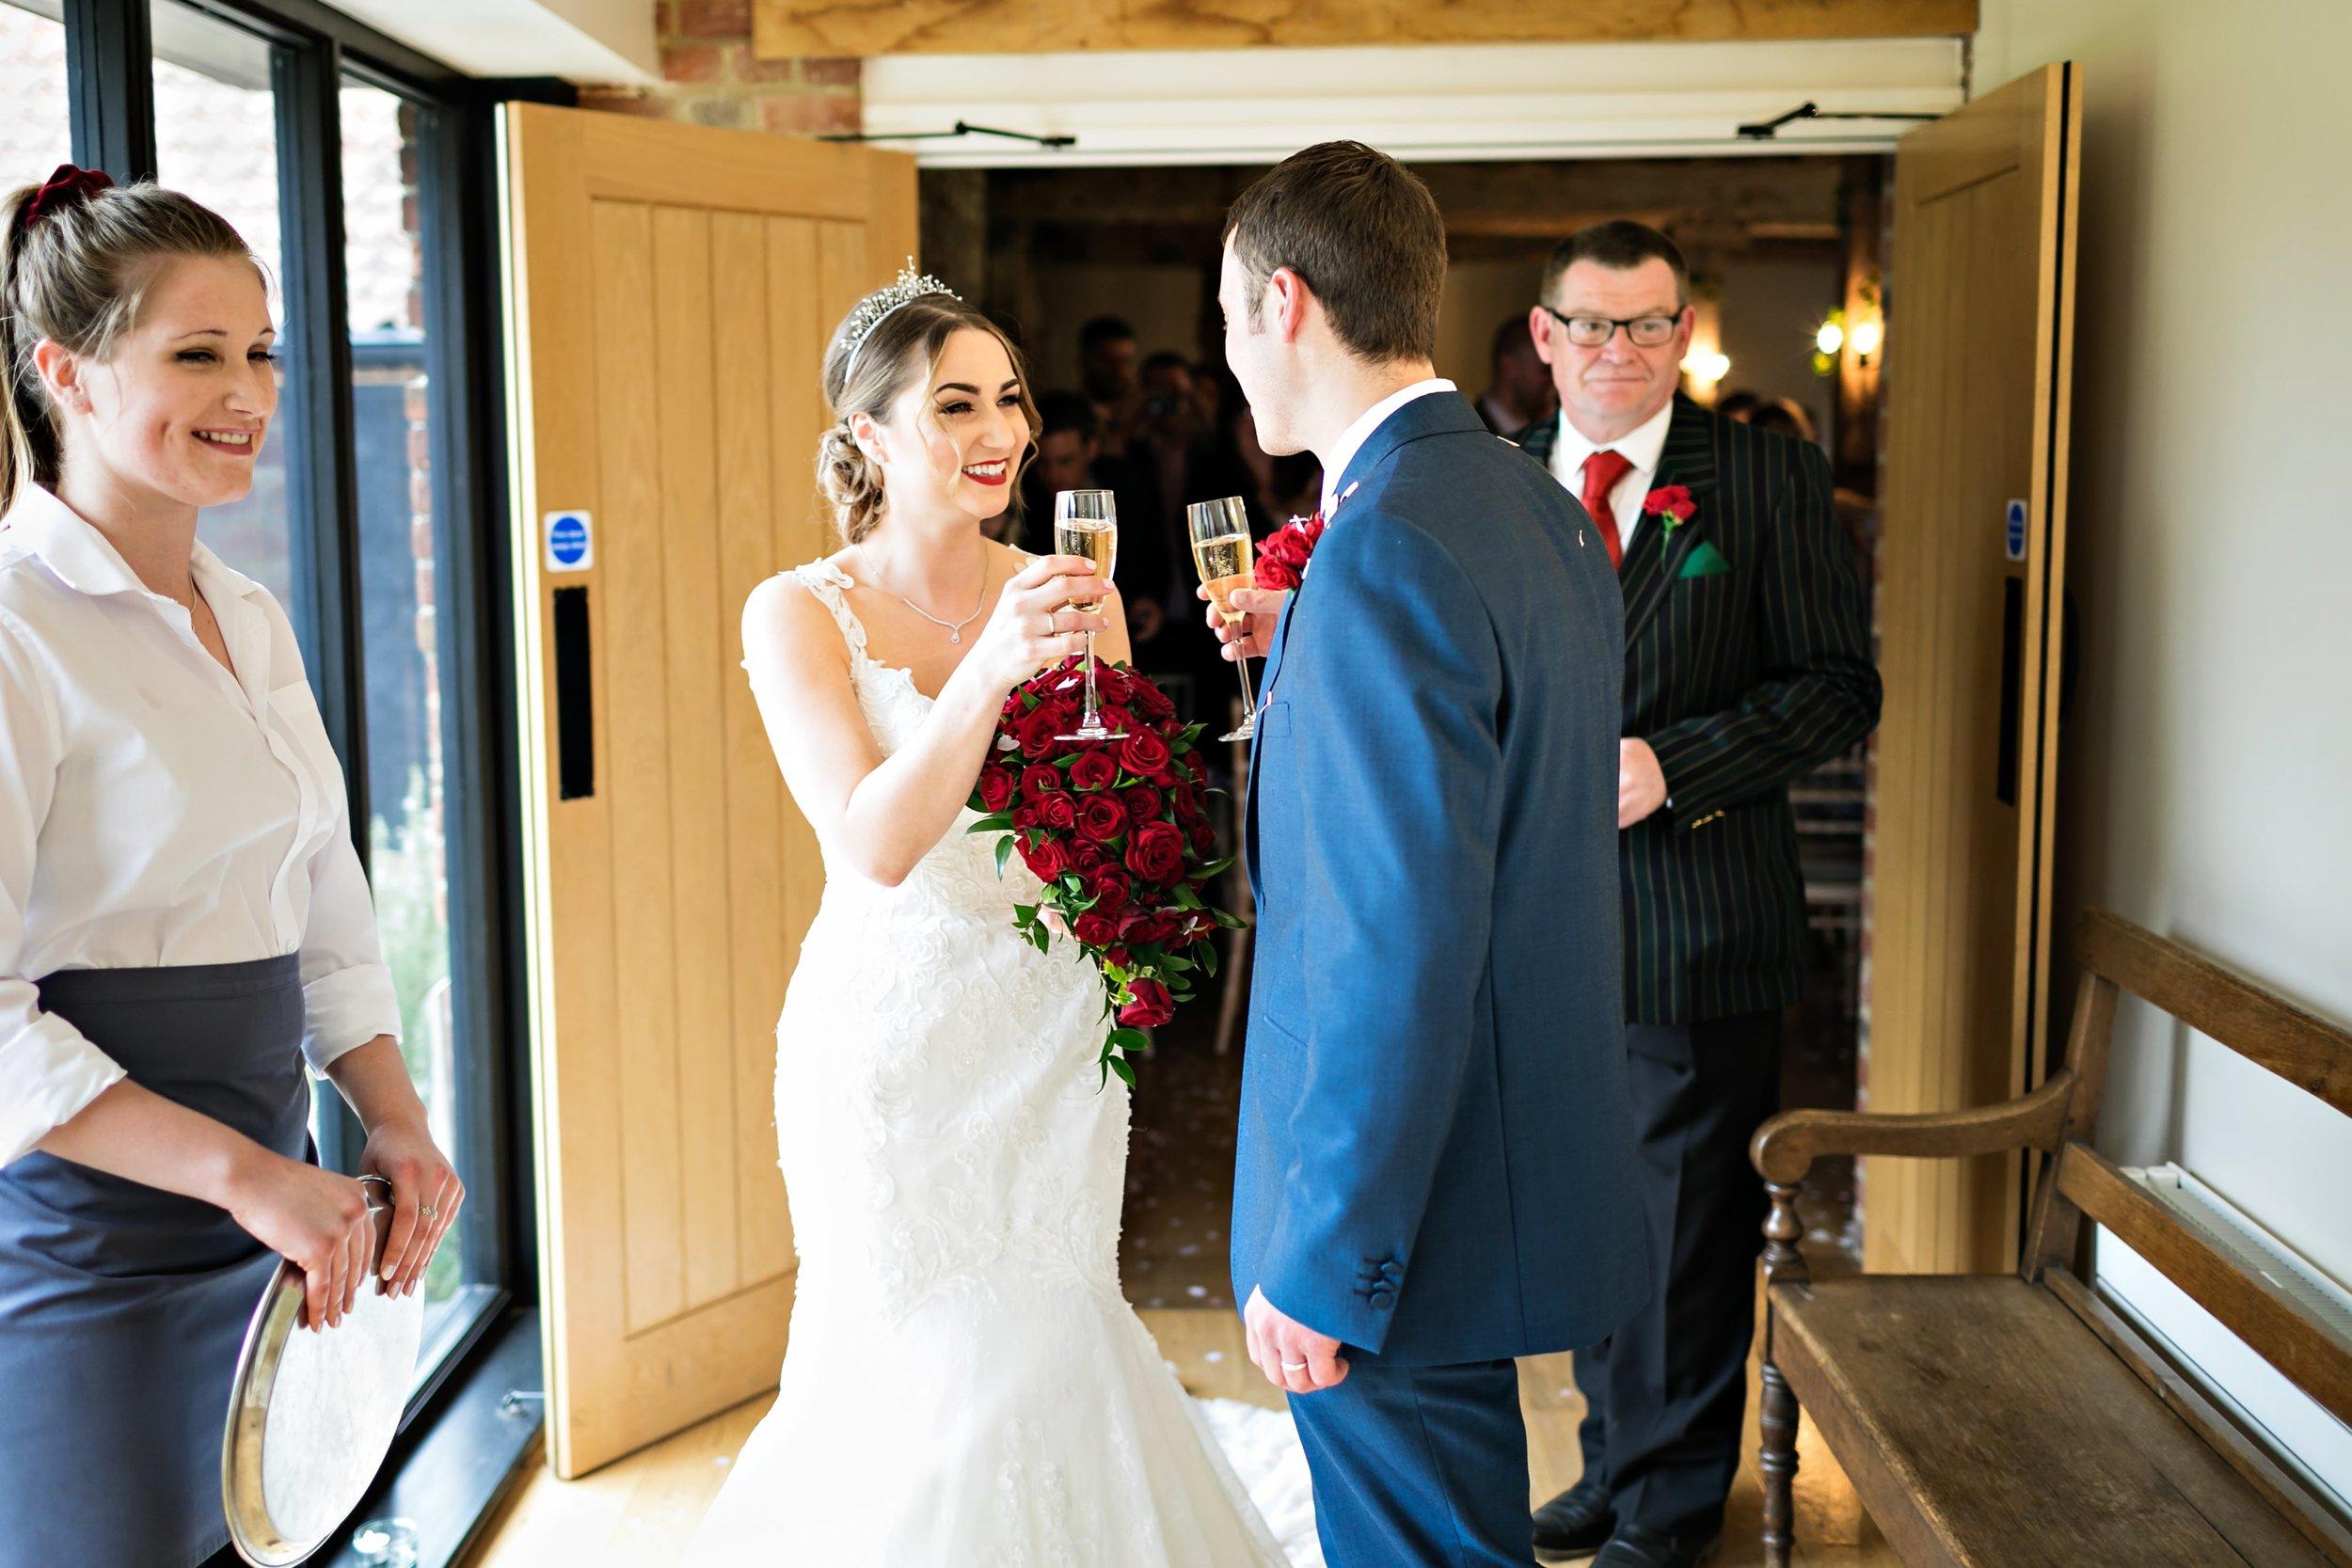 336-Chris and Harriet Wedding-_11A1539-min.jpg